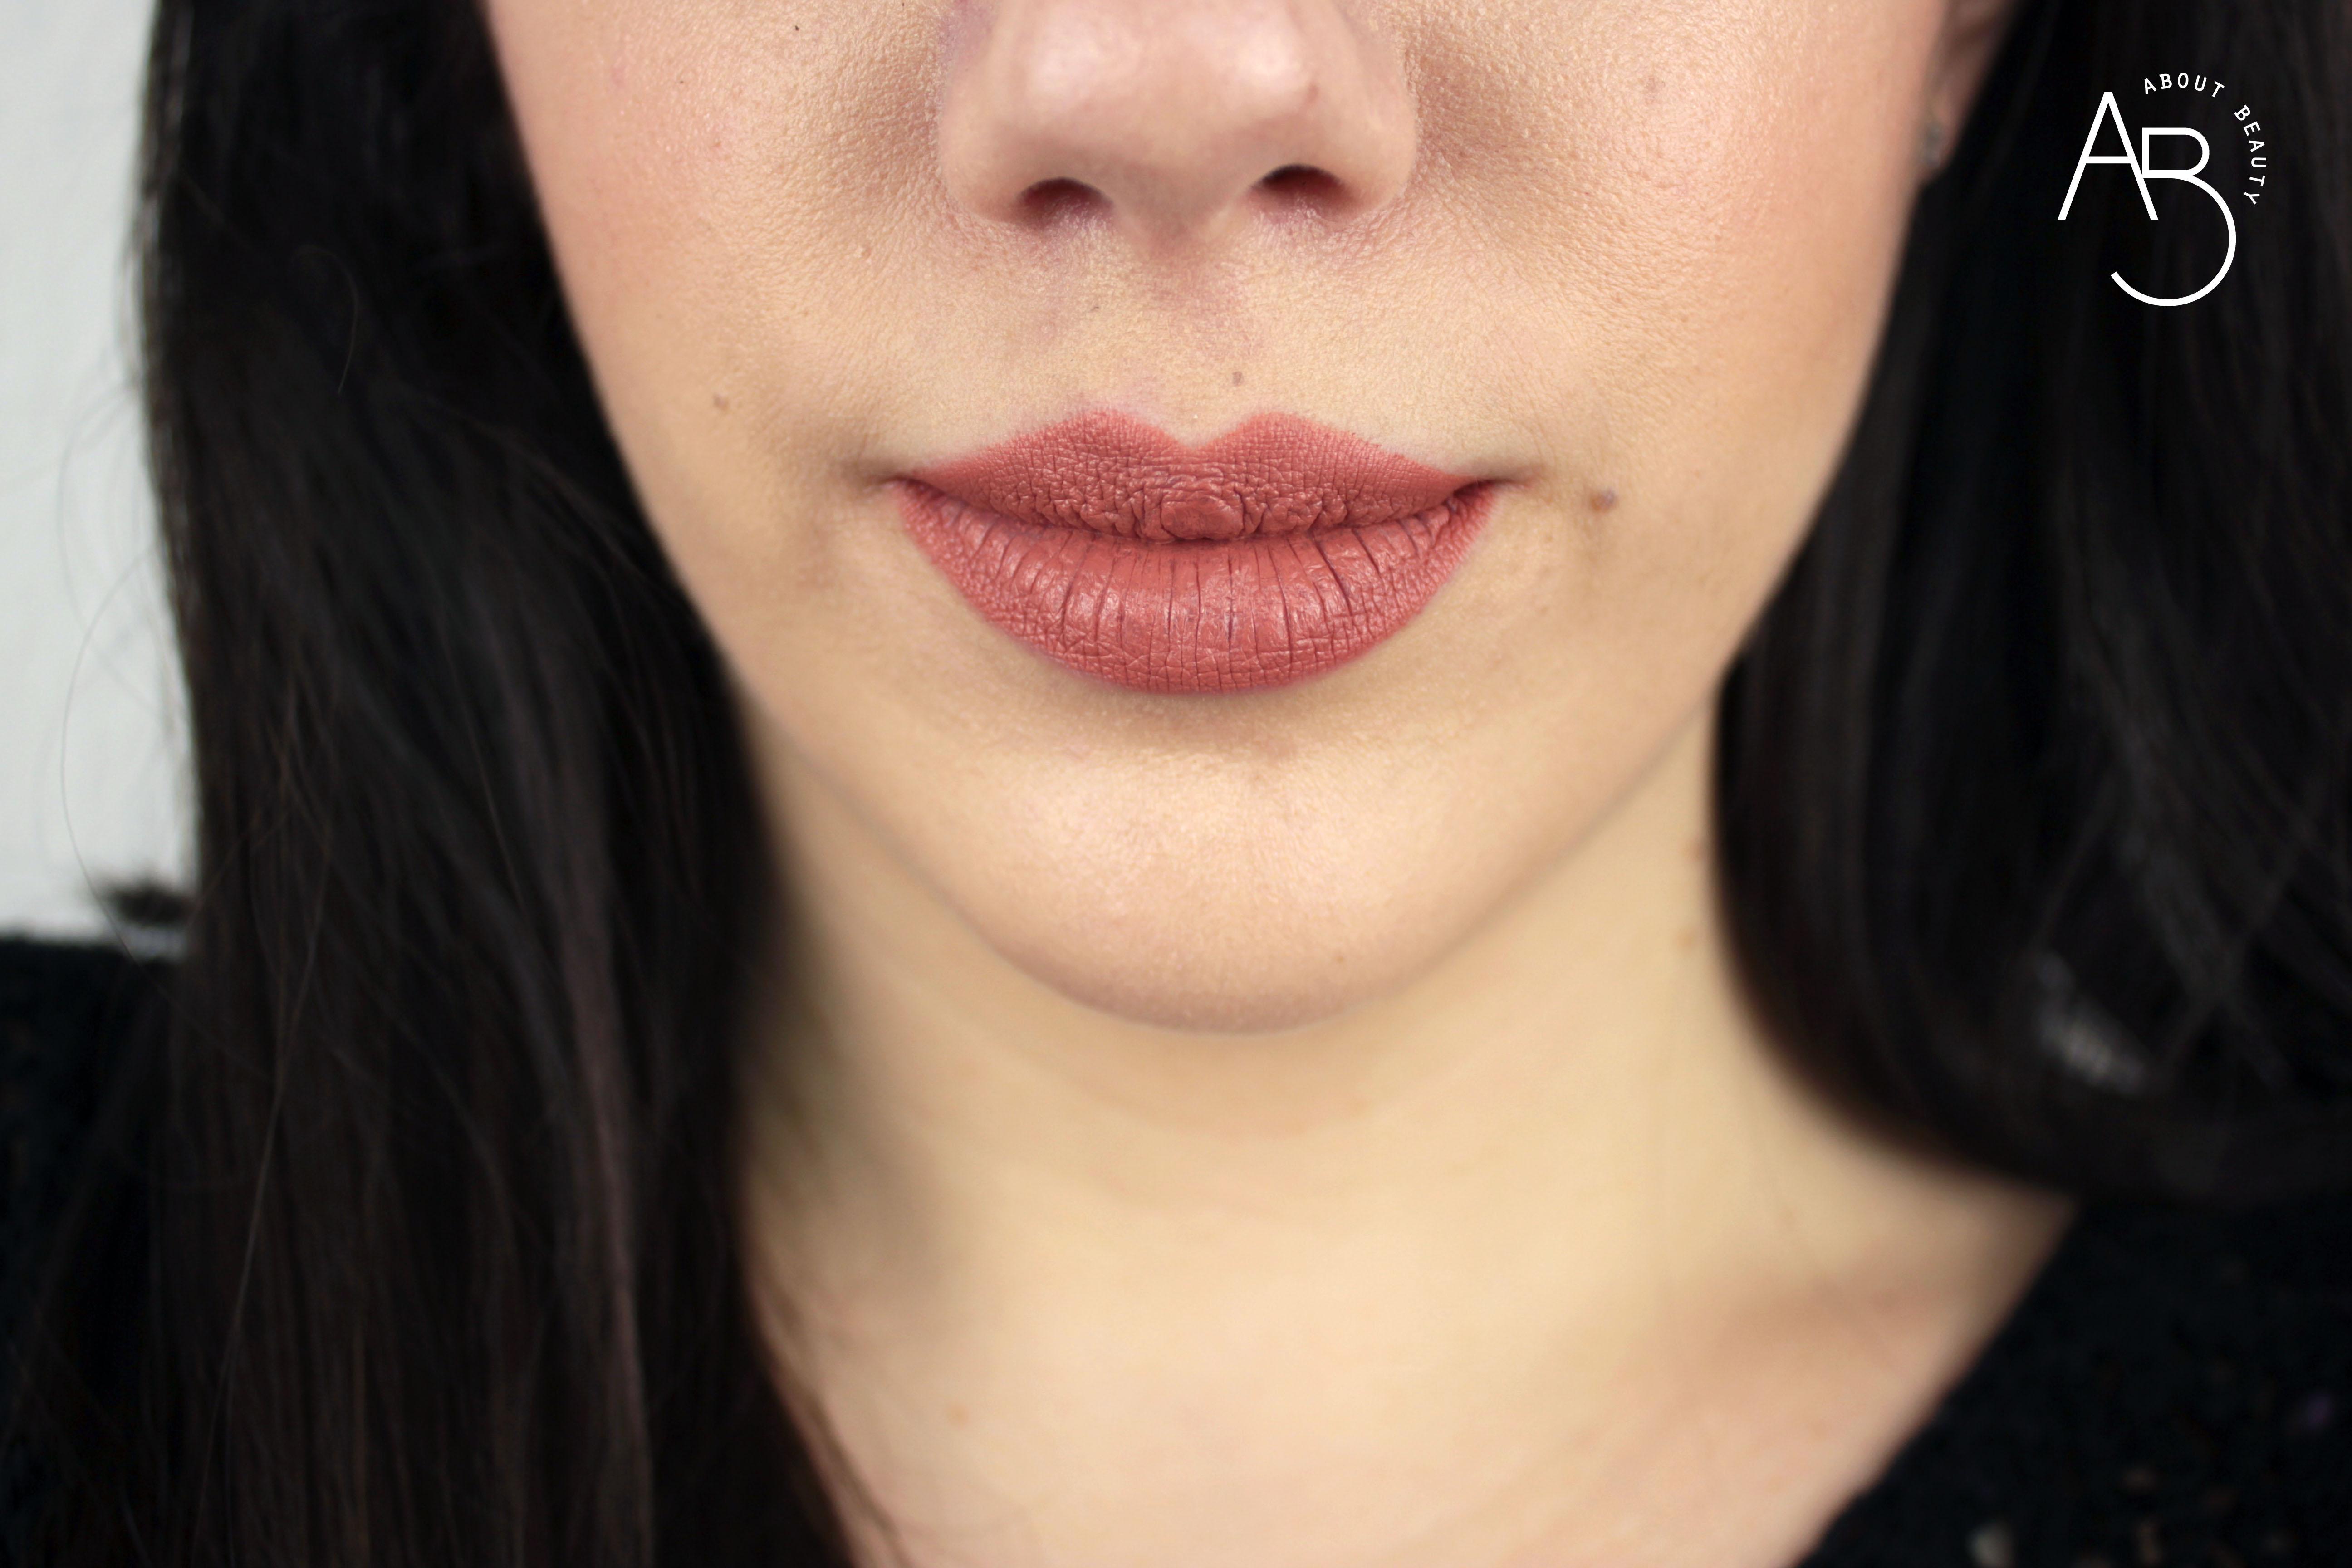 Nuovi rossetti Neve Cosmetics Dessert a Levres 2018: info, foto, swatch, prezzo, data di uscita, dove acquistare, recensione, review - Swatch su labbra di Almond Cookie